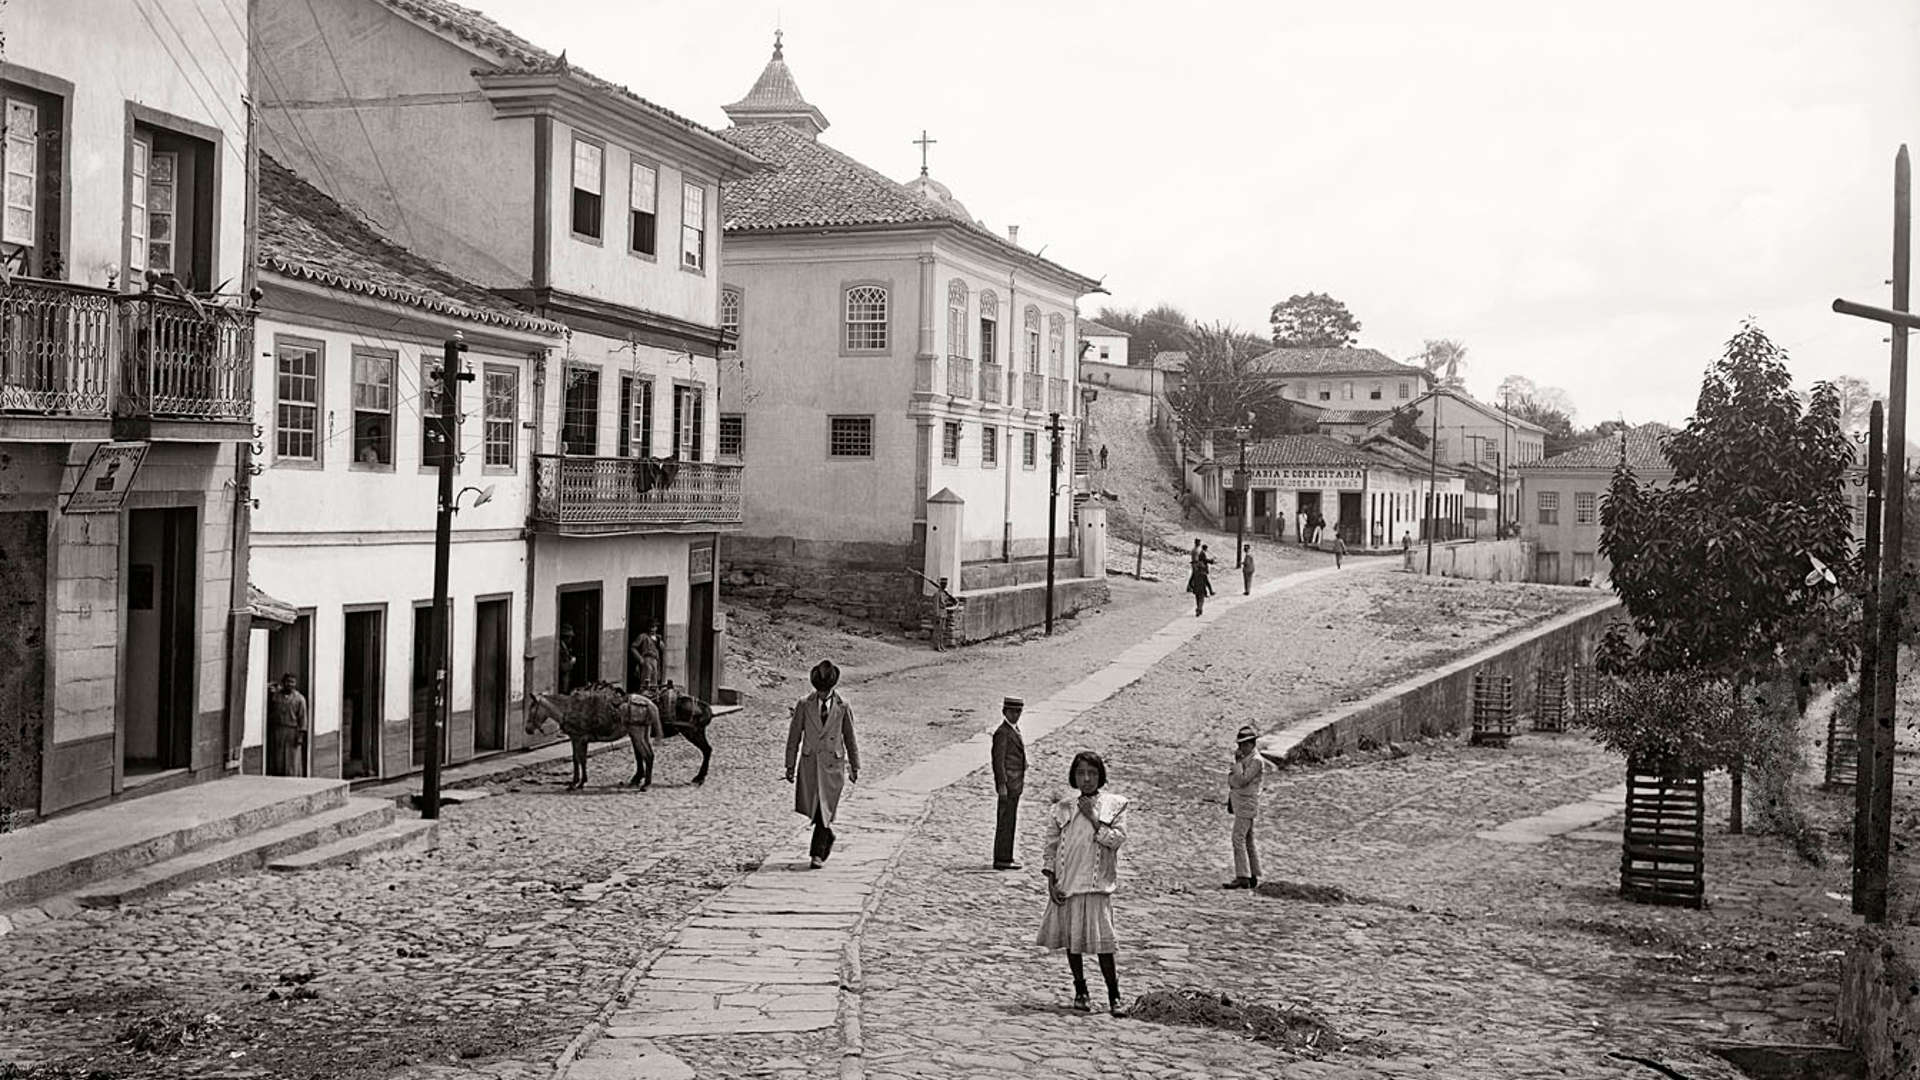 Chichico alkmim instituto moreira salles - A casa do retratista ...